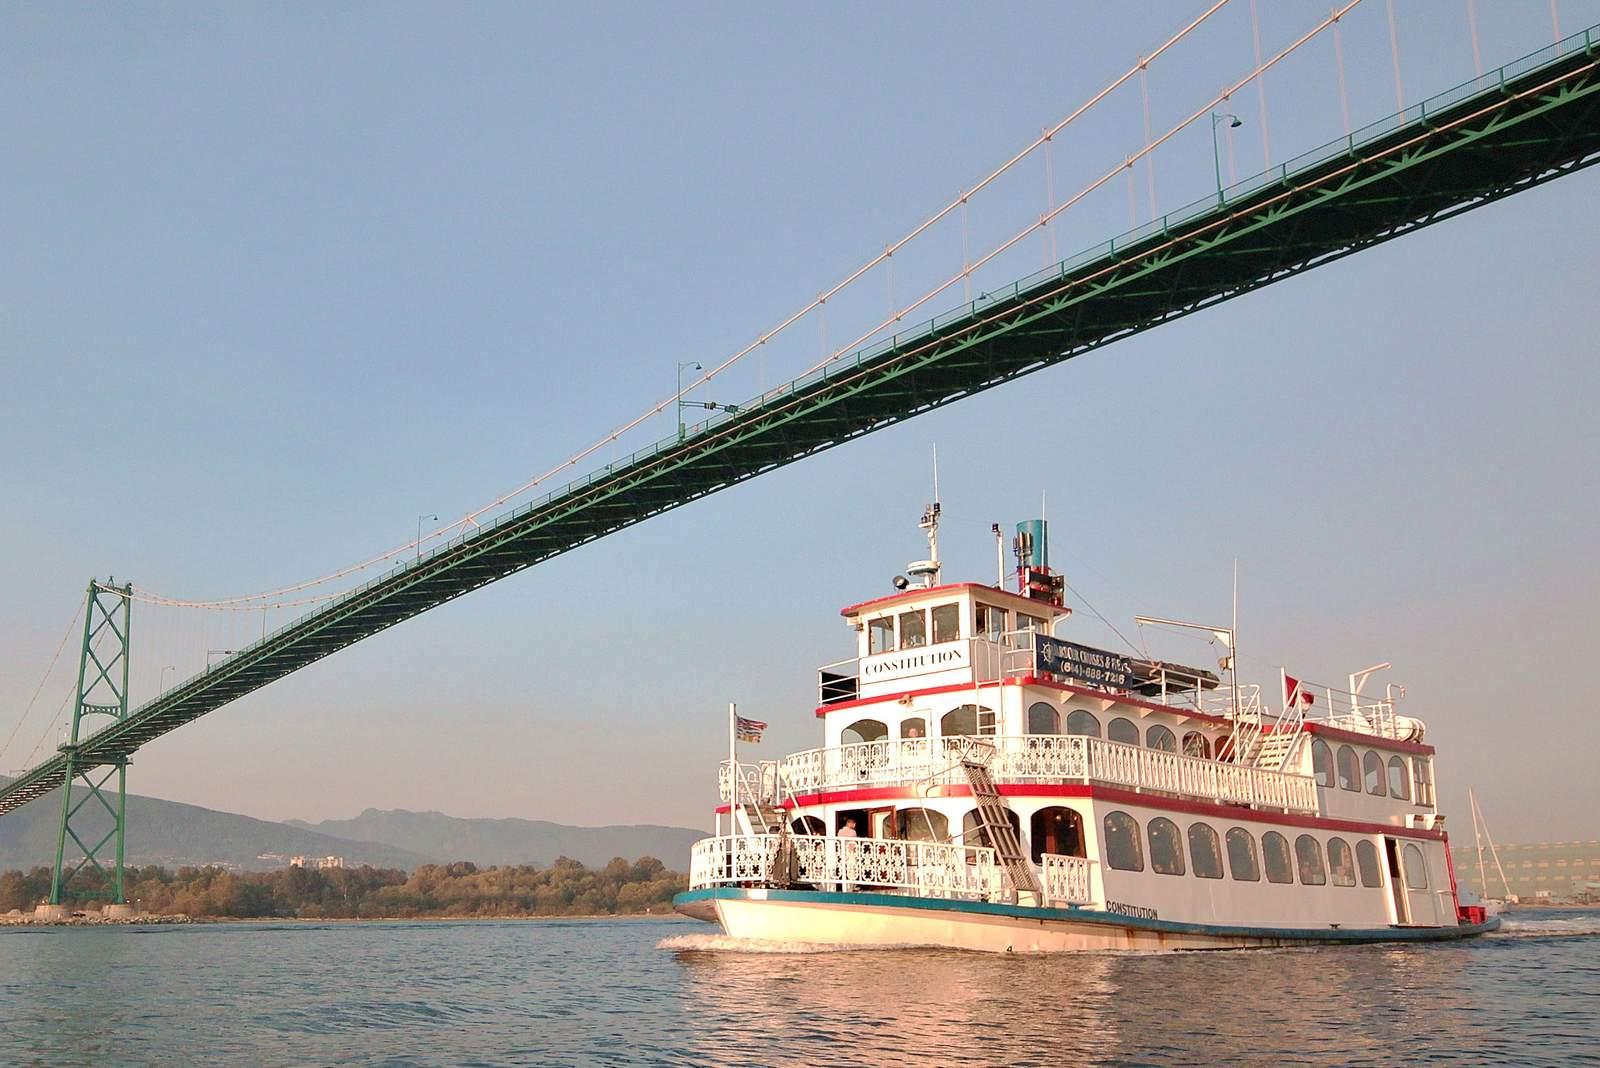 Schiff unter der Lionsgate Brücke